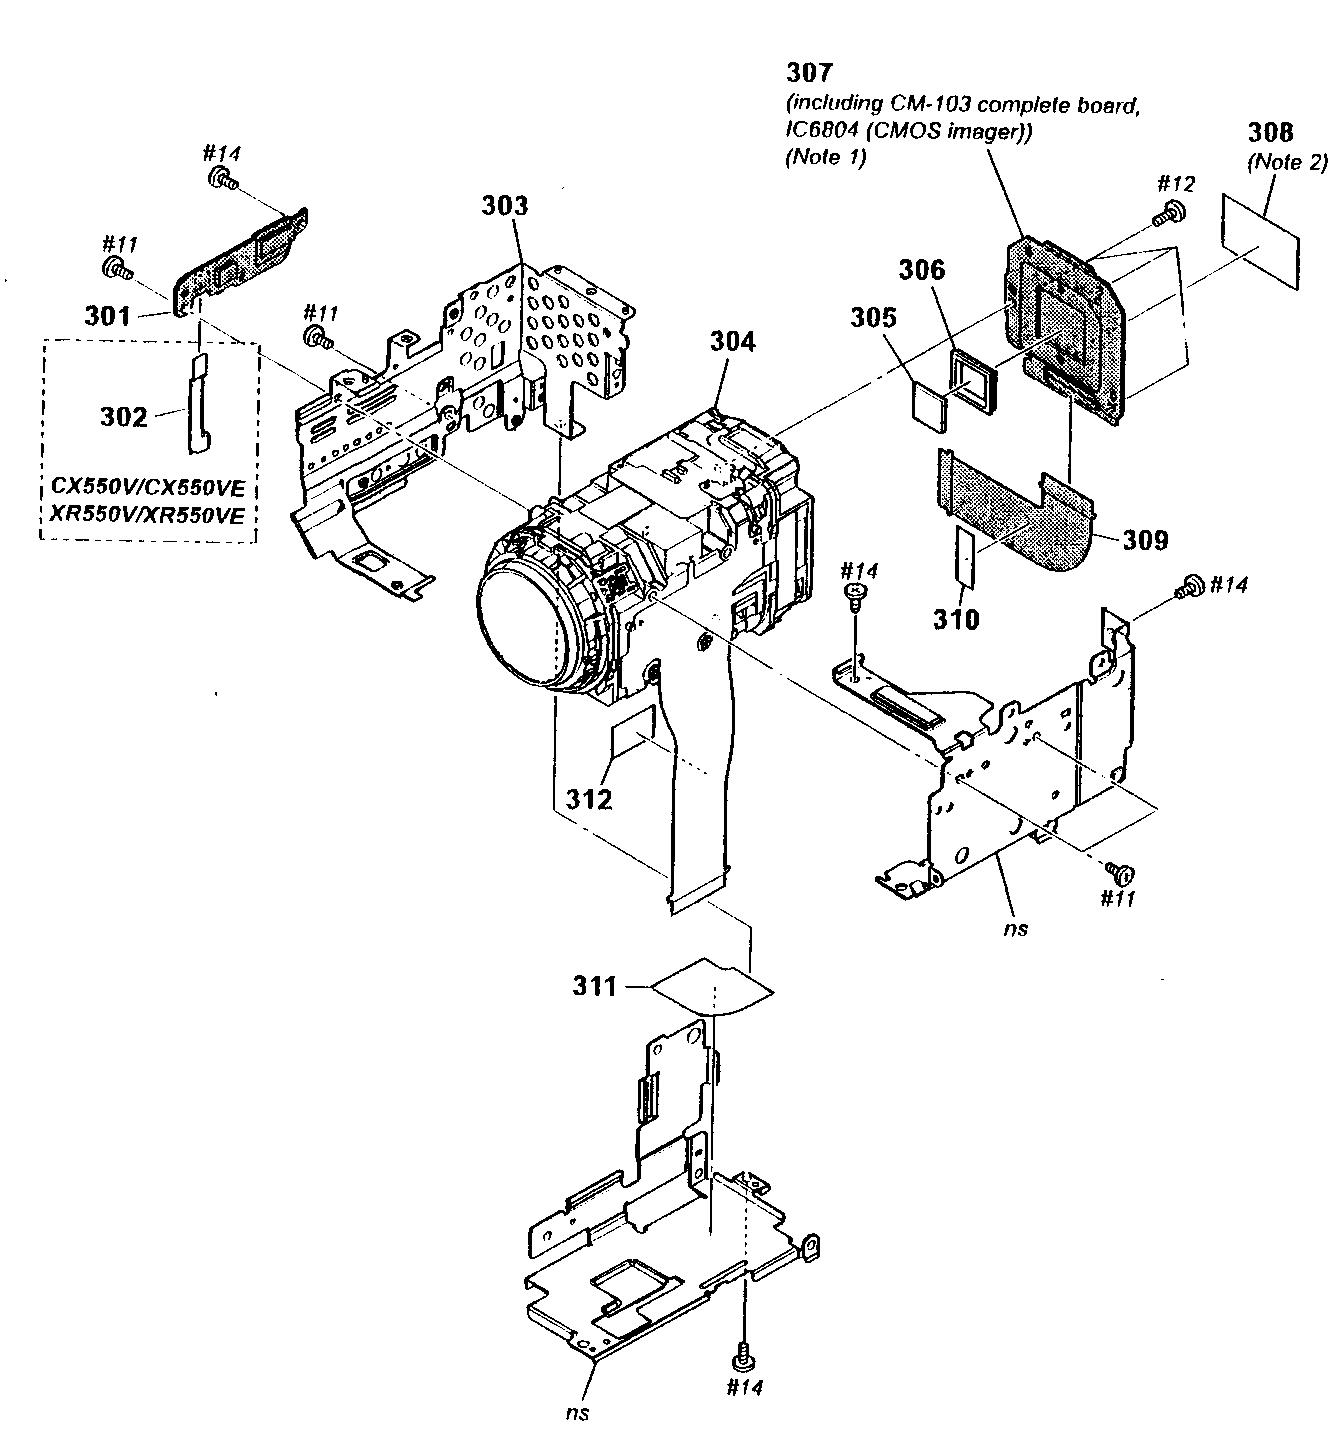 Sony model HDR-XR550V digital camcorder genuine parts